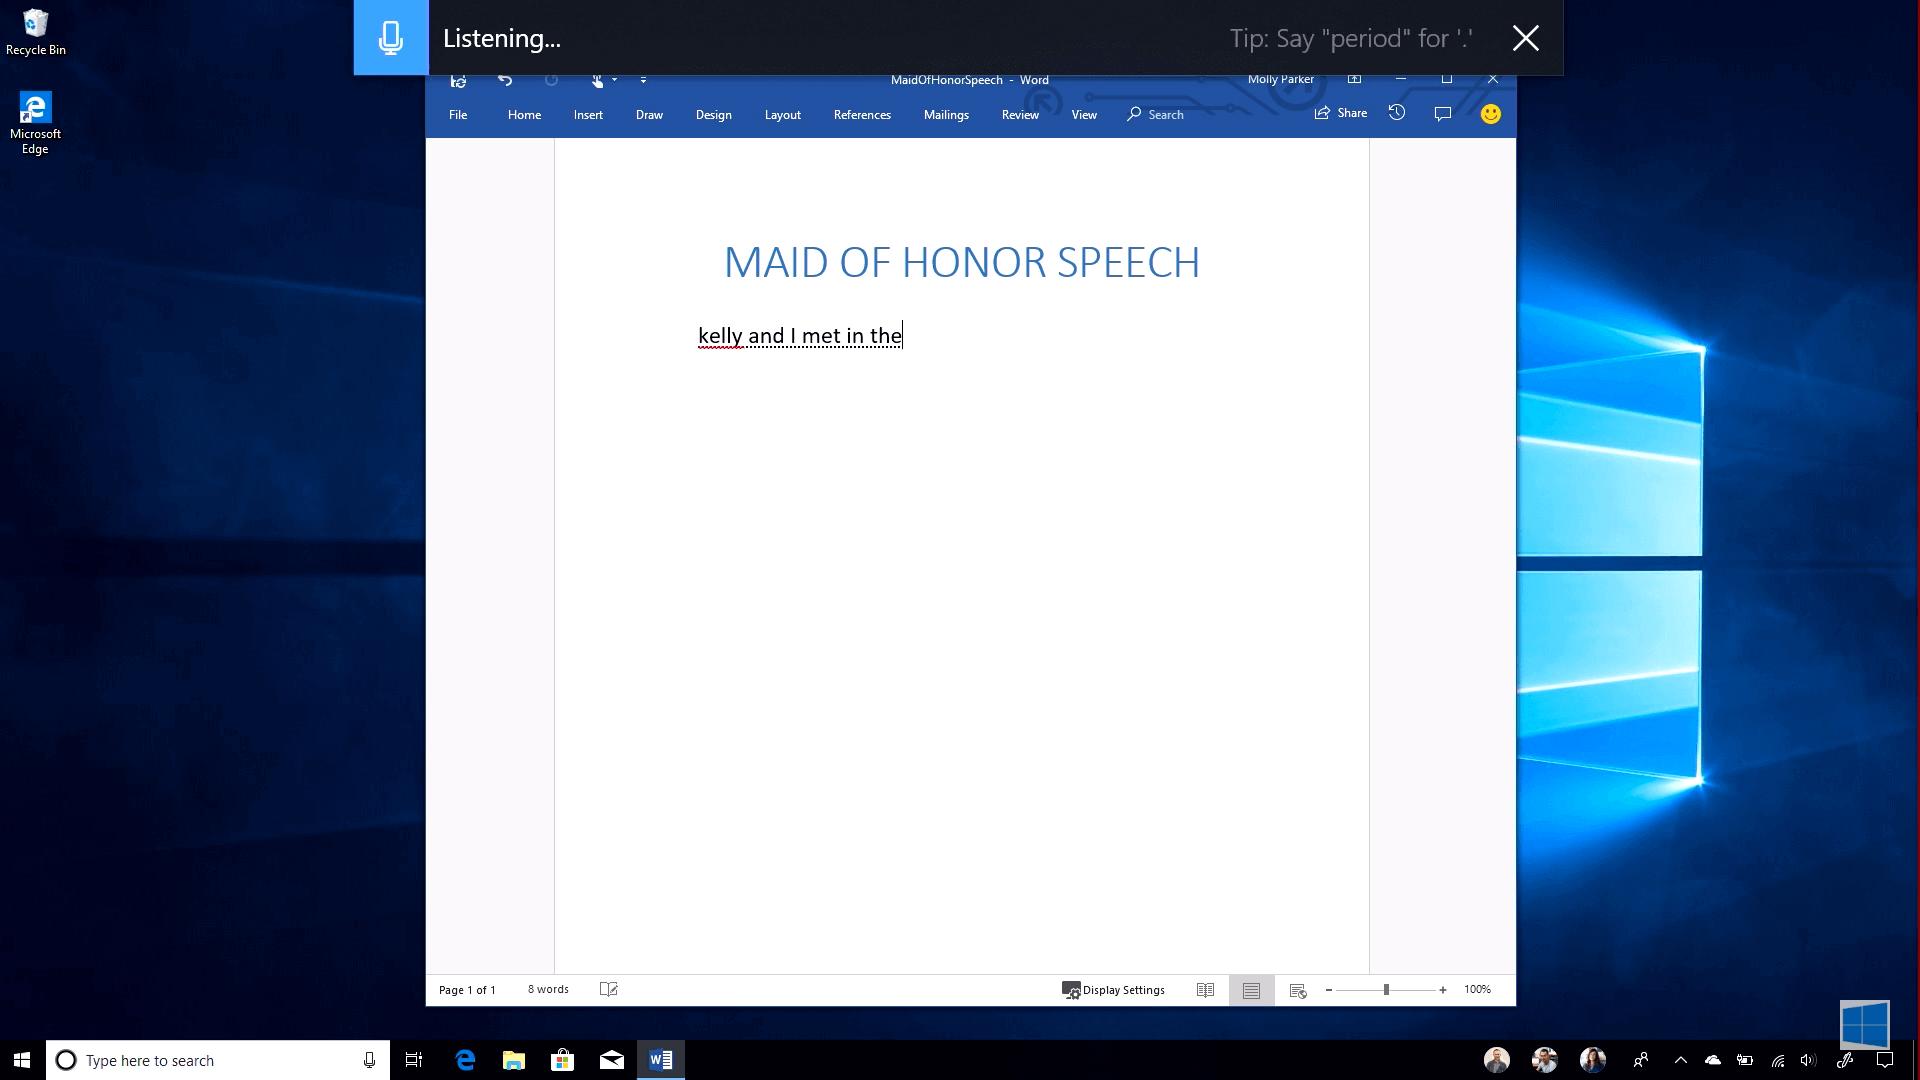 Atualização de abril do windows 10 chegará para poupar seu tempo. Prevista para chegar no final deste mês, a atualização do windows 10 trará diversos recursos. Alguns deles são: a linha do tempo, o focus assist e o ditado.